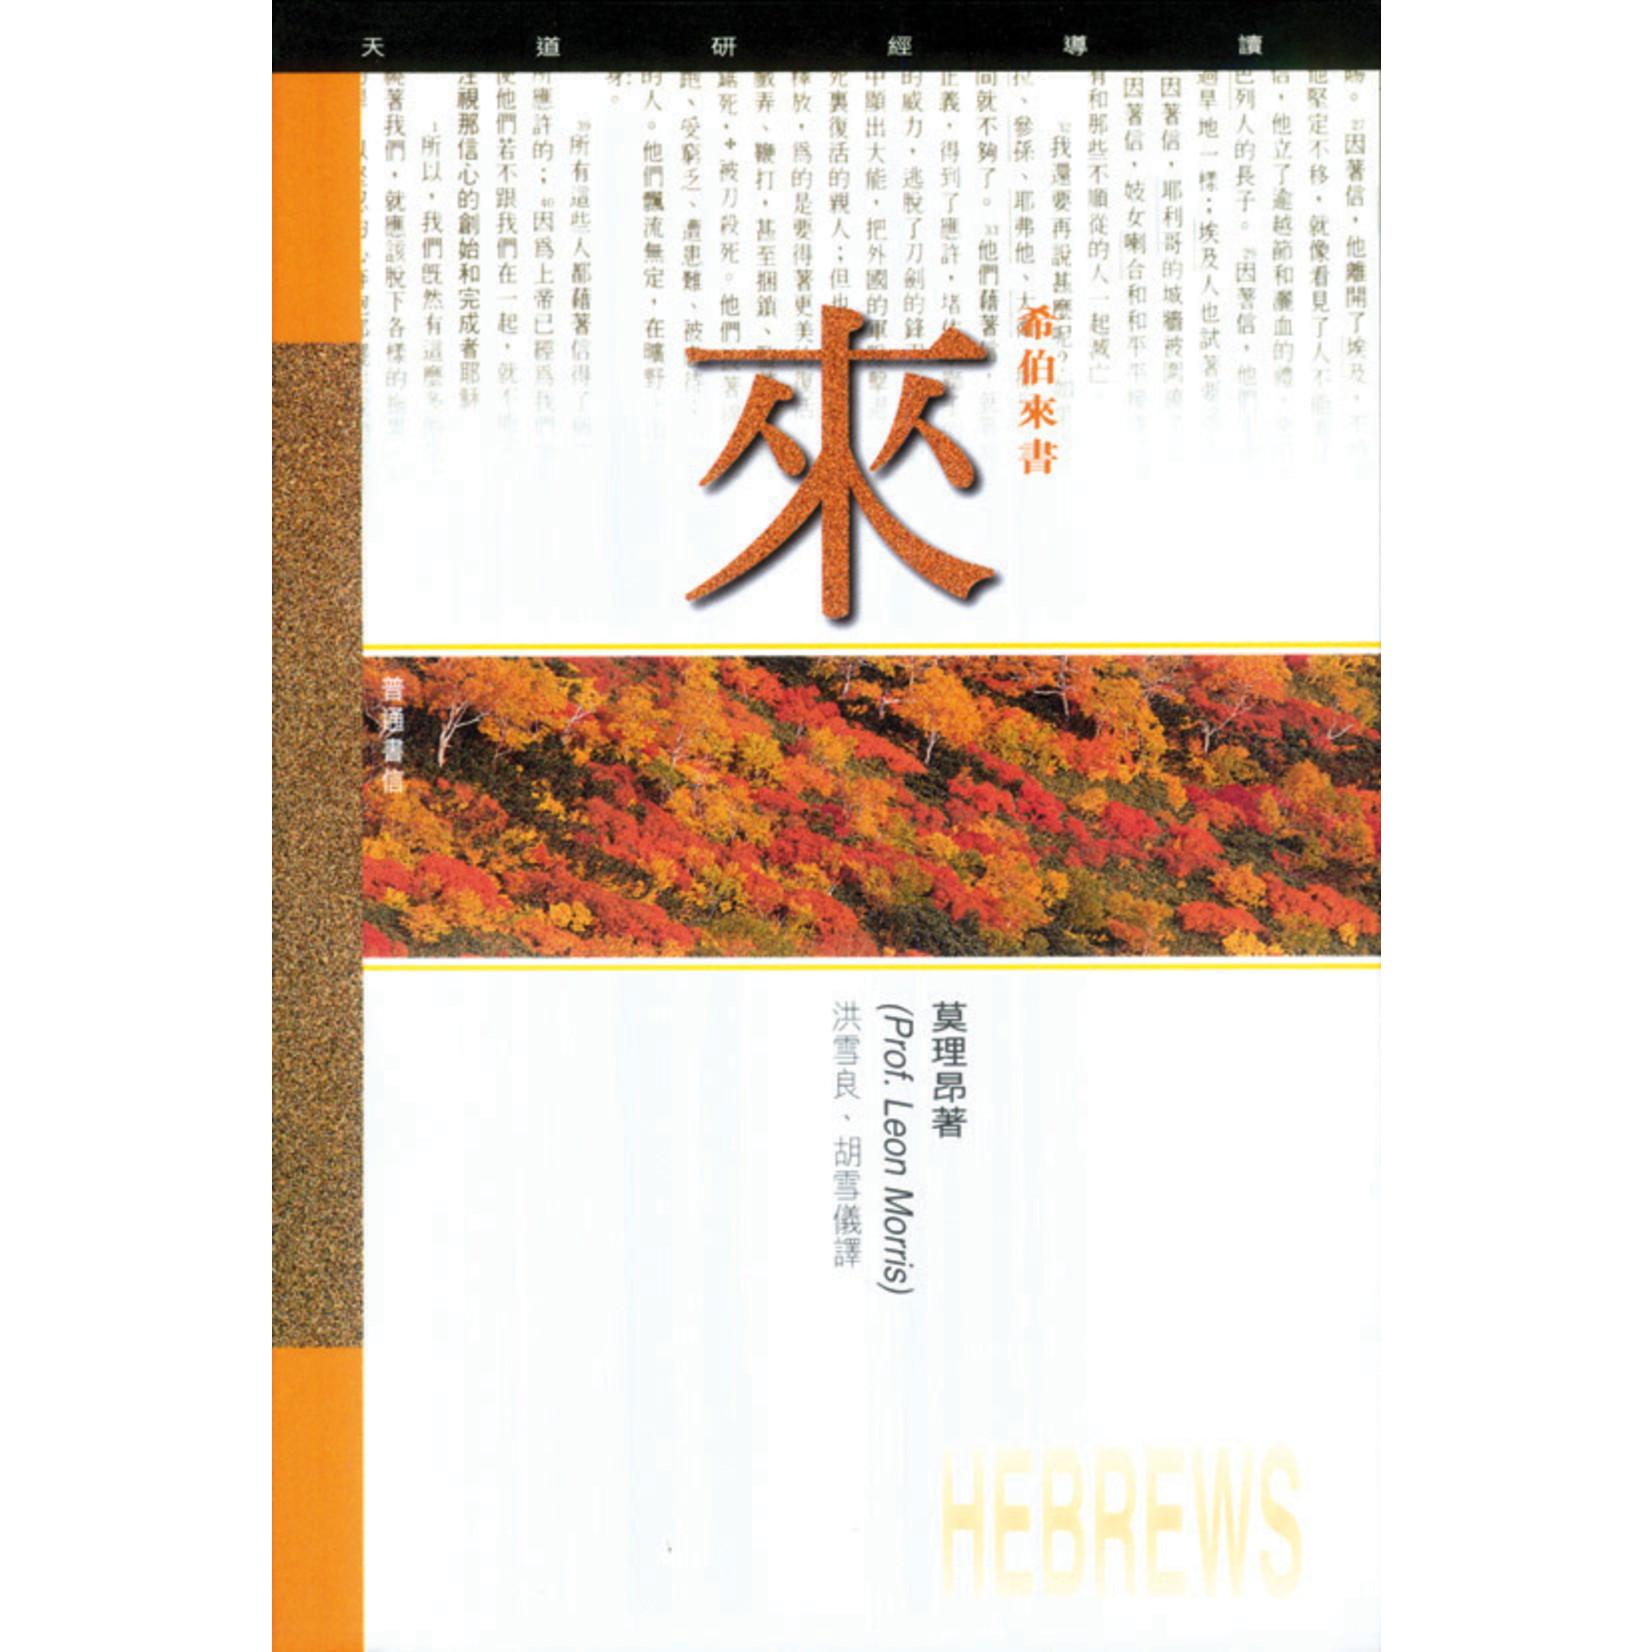 天道書樓 Tien Dao Publishing House 天道研經導讀:希伯來書